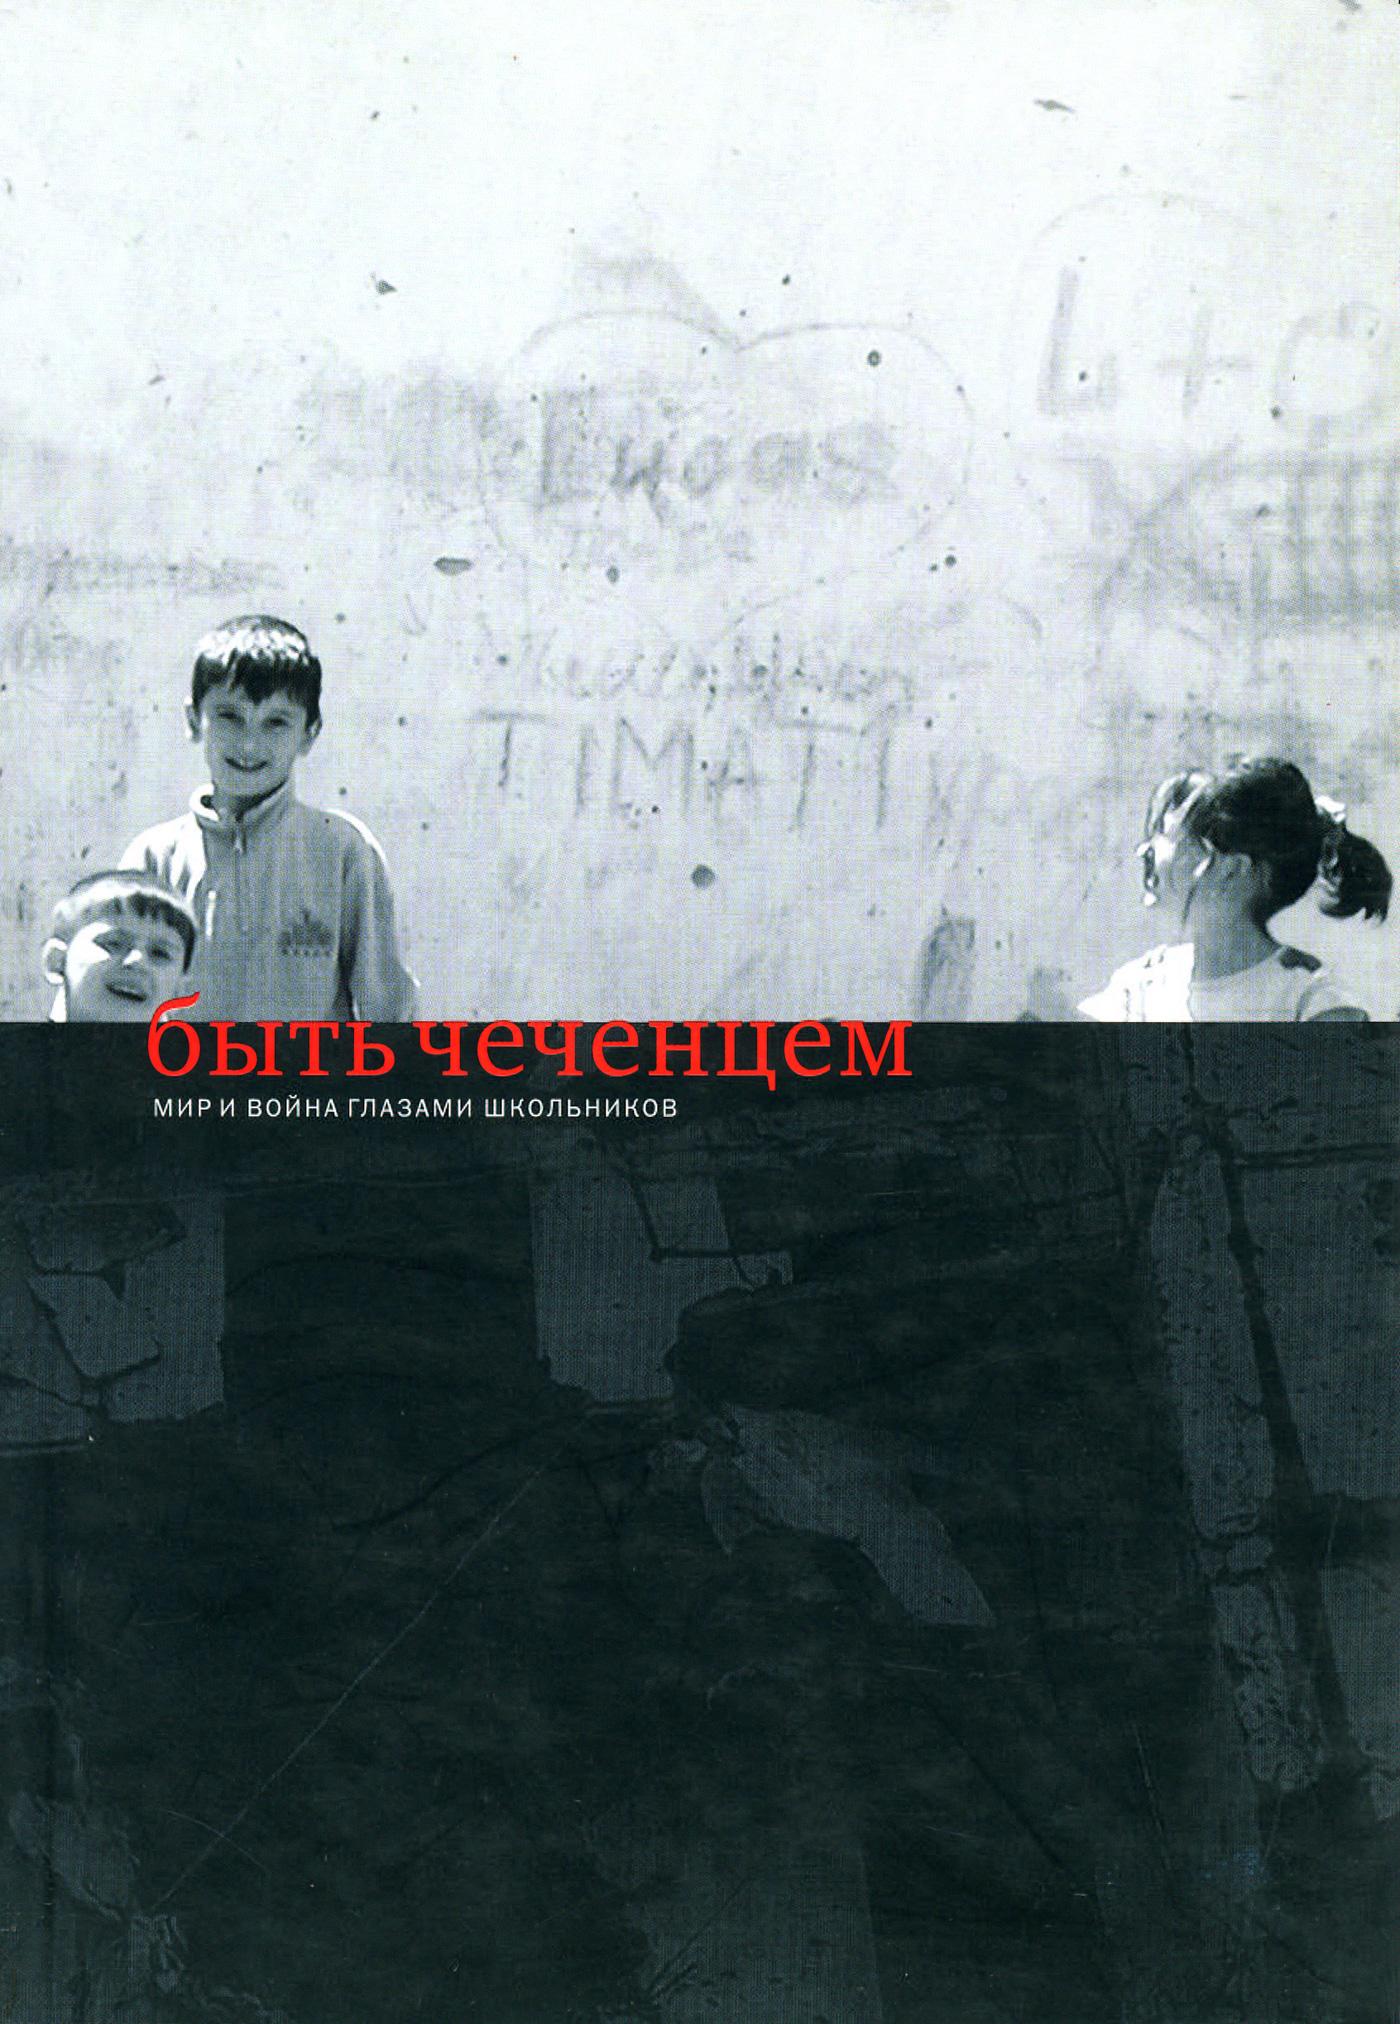 Отсутствует Быть чеченцем: Мир и война глазами школьников амелина е 100 золотых сочинений для школьников xх век